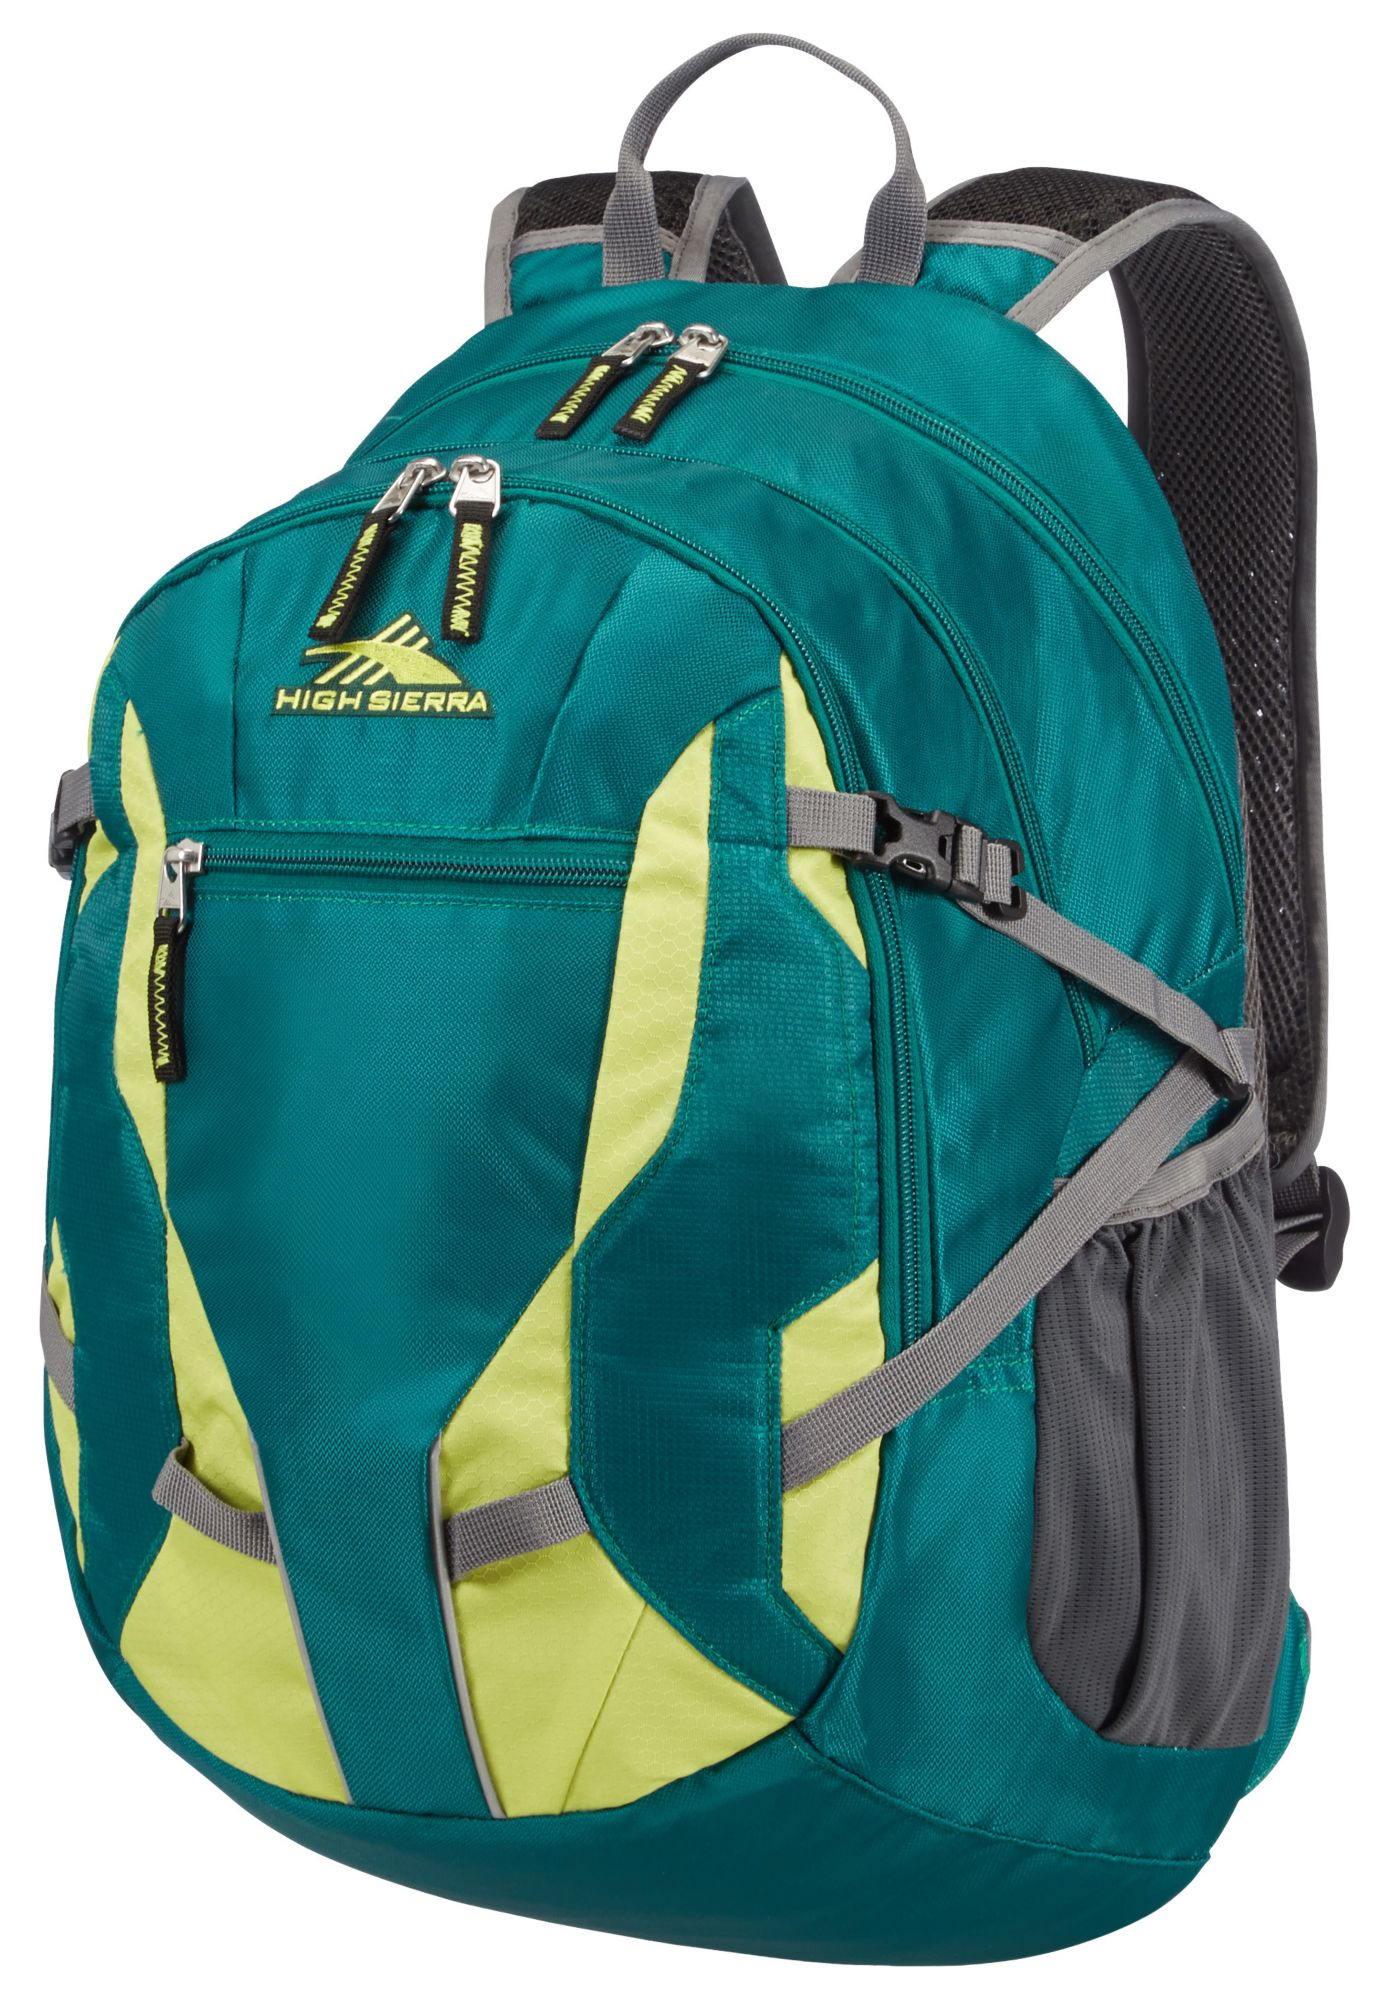 HIGH SIERRA  Schulrucksack mit gepolstertem 14-Zoll Laptopfach, »AGGRO²«